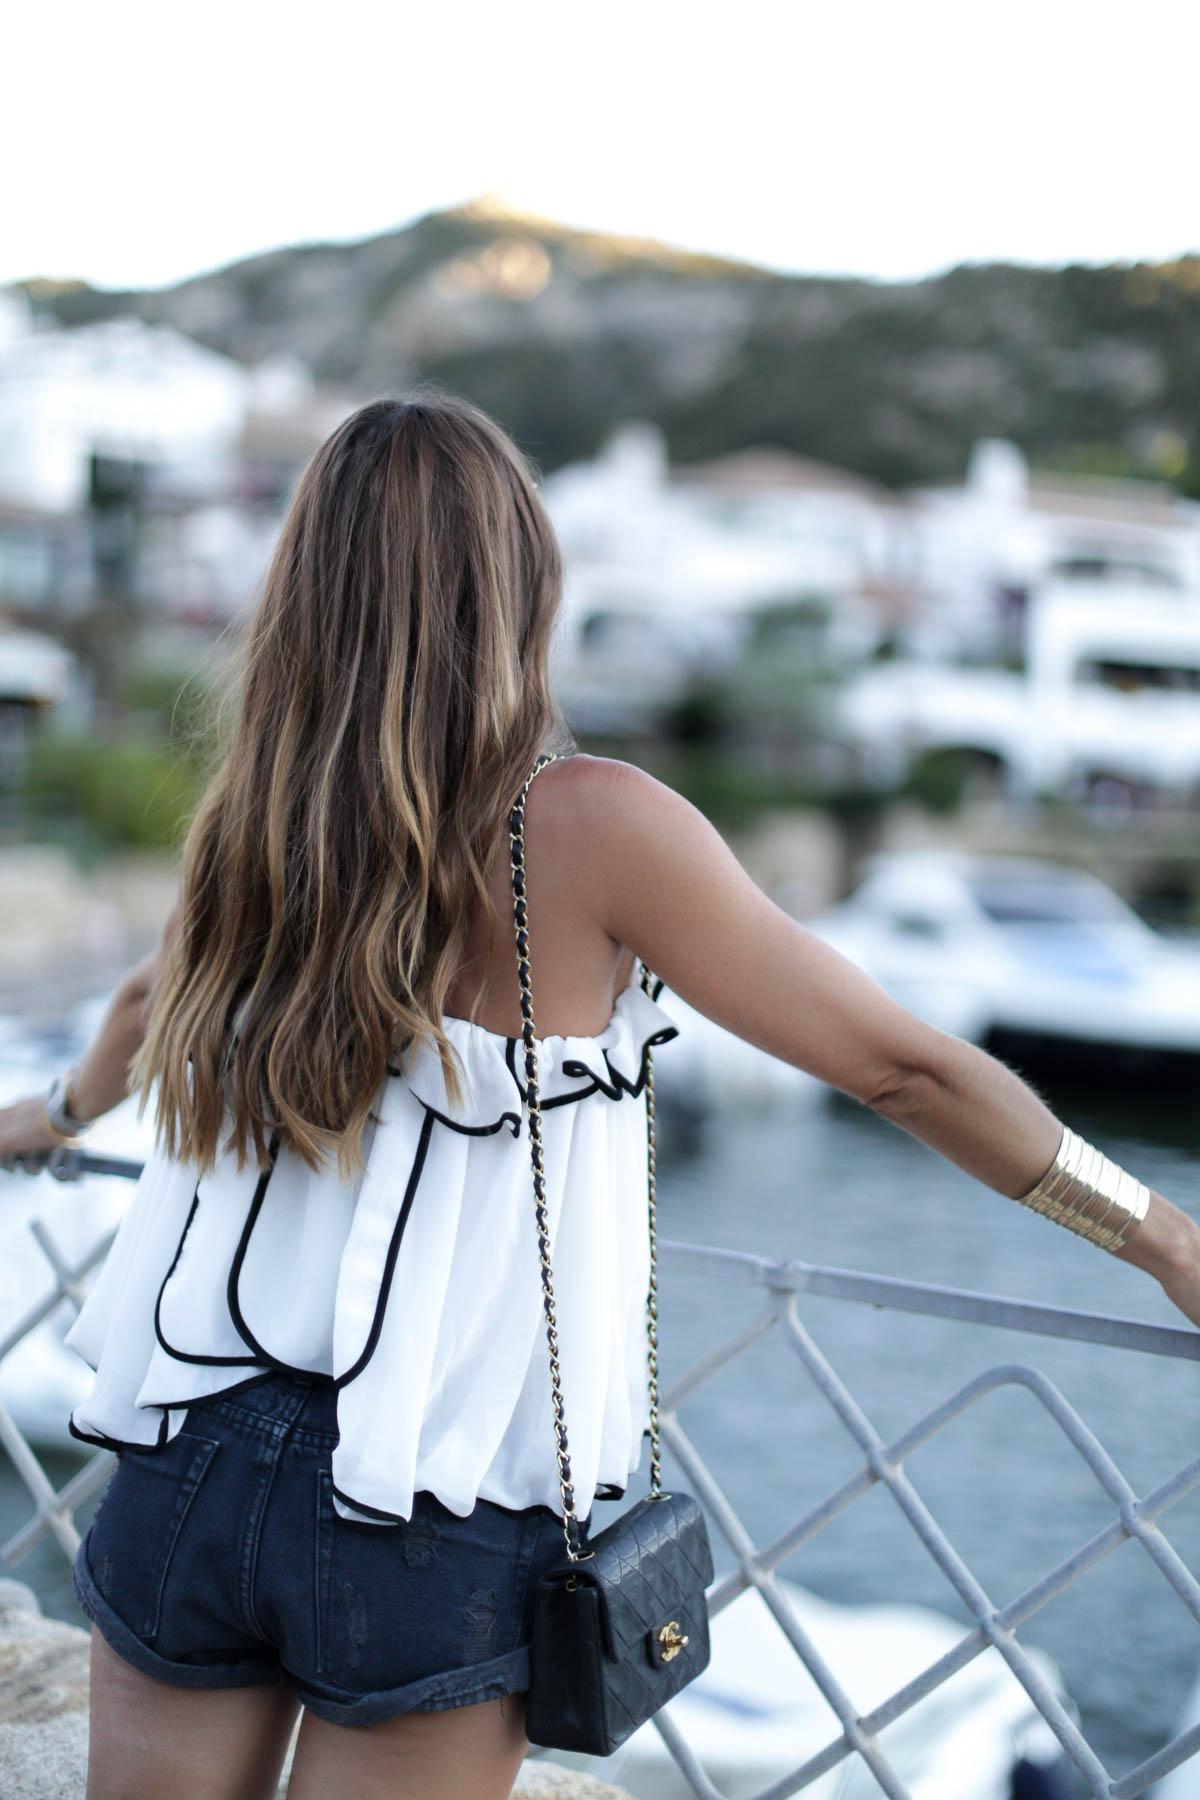 bartabac blob moda fashion chanel aquazzura sandals oneteaspoon bag bolso-38